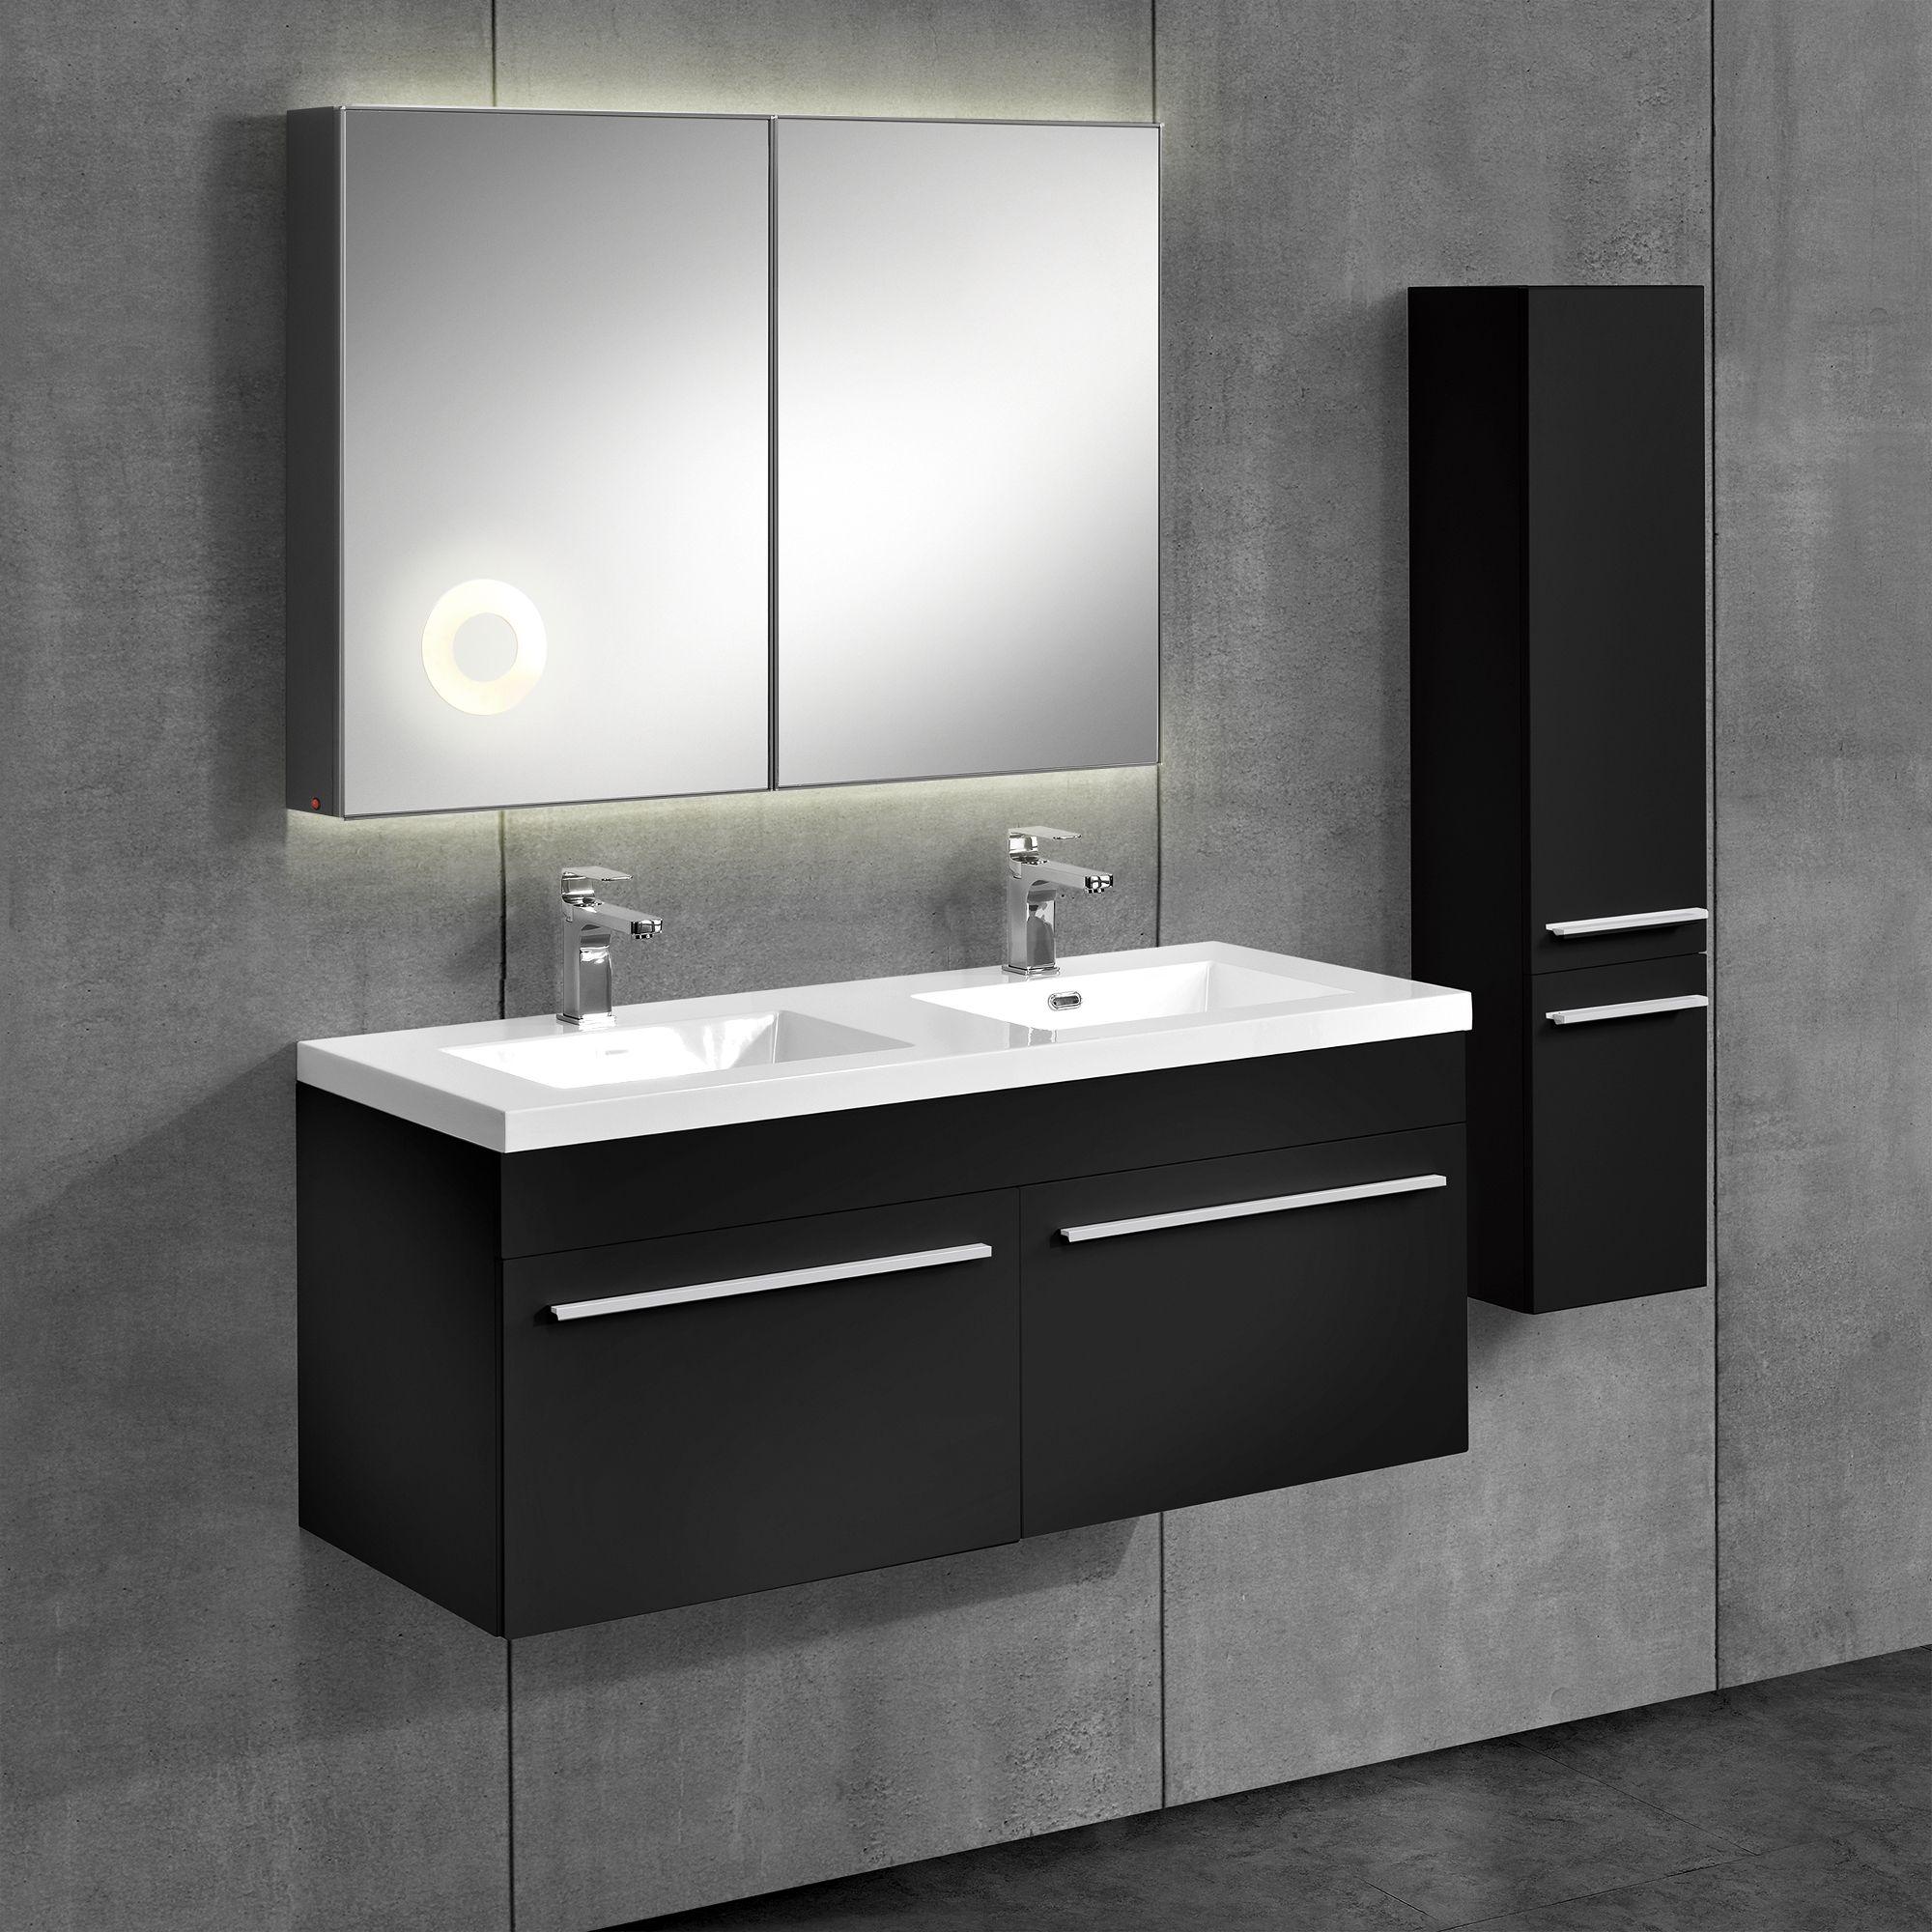 Neu Haus Badezimmerschrank Unterschrank Waschtisch Hochschrank Moebel Schwarz Unterschrank Hochschrank Badezimmer Mobel